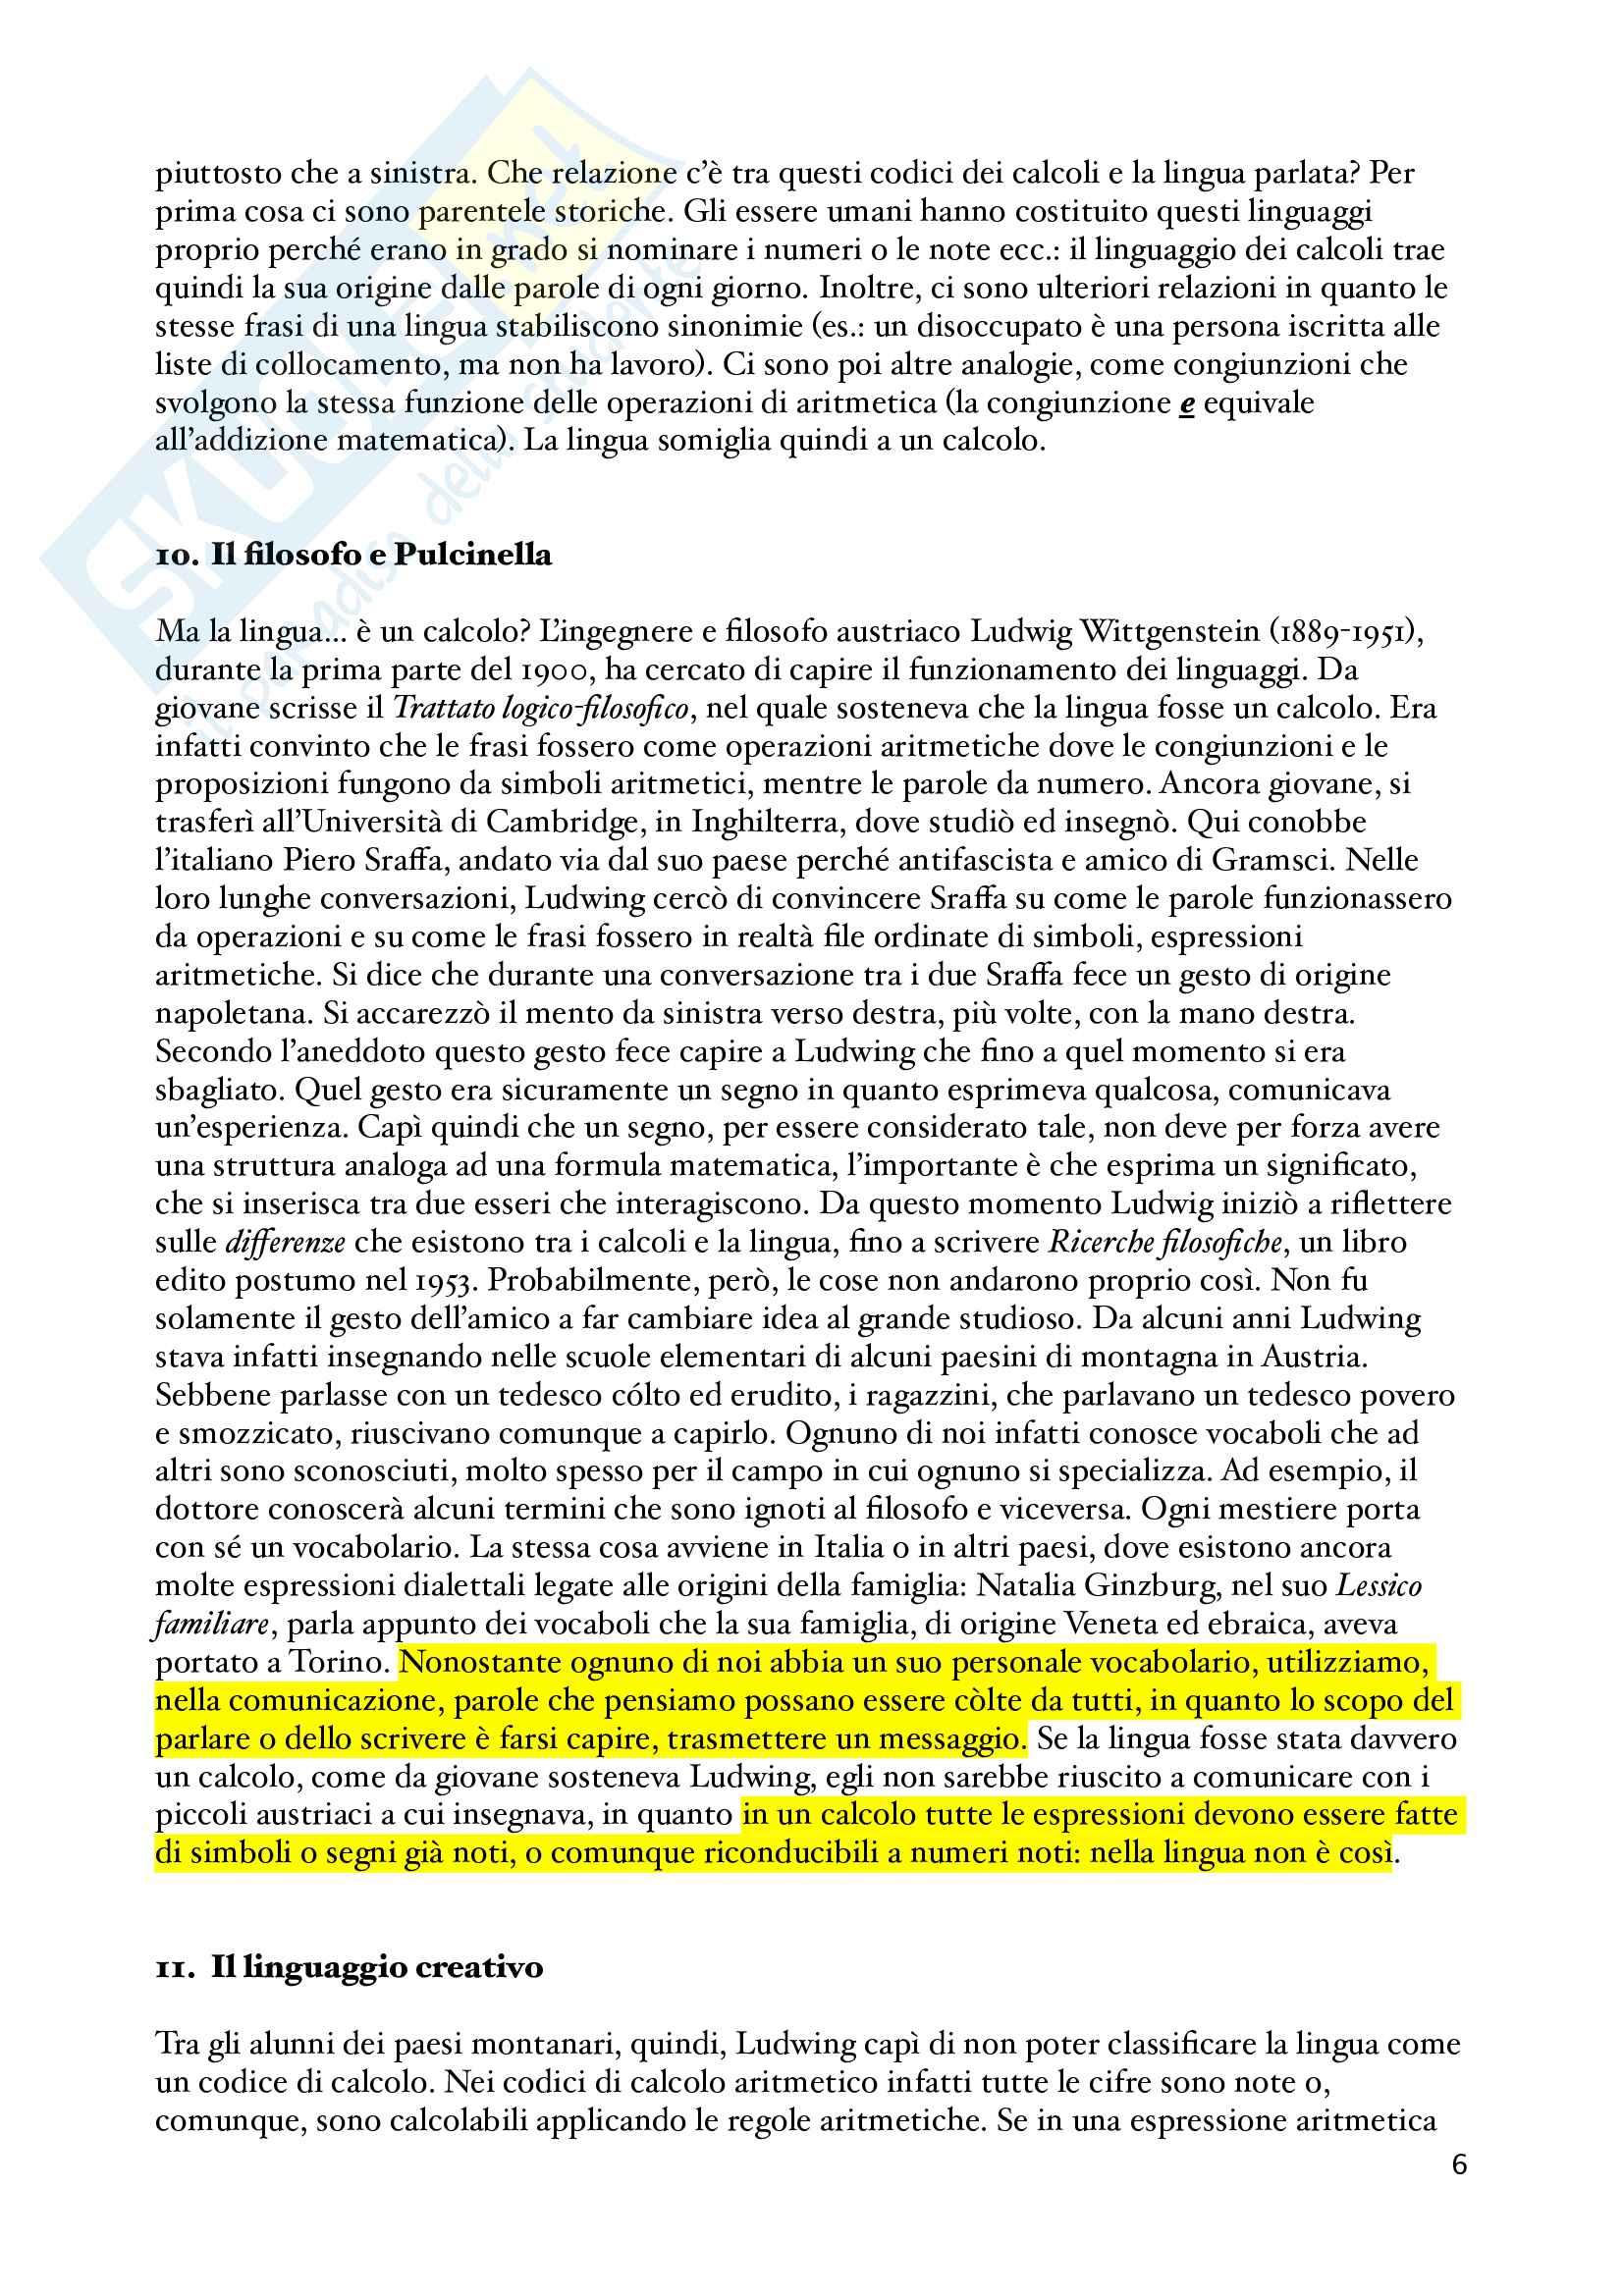 Appunti Guida all'uso delle parole, Semiotica Pag. 6